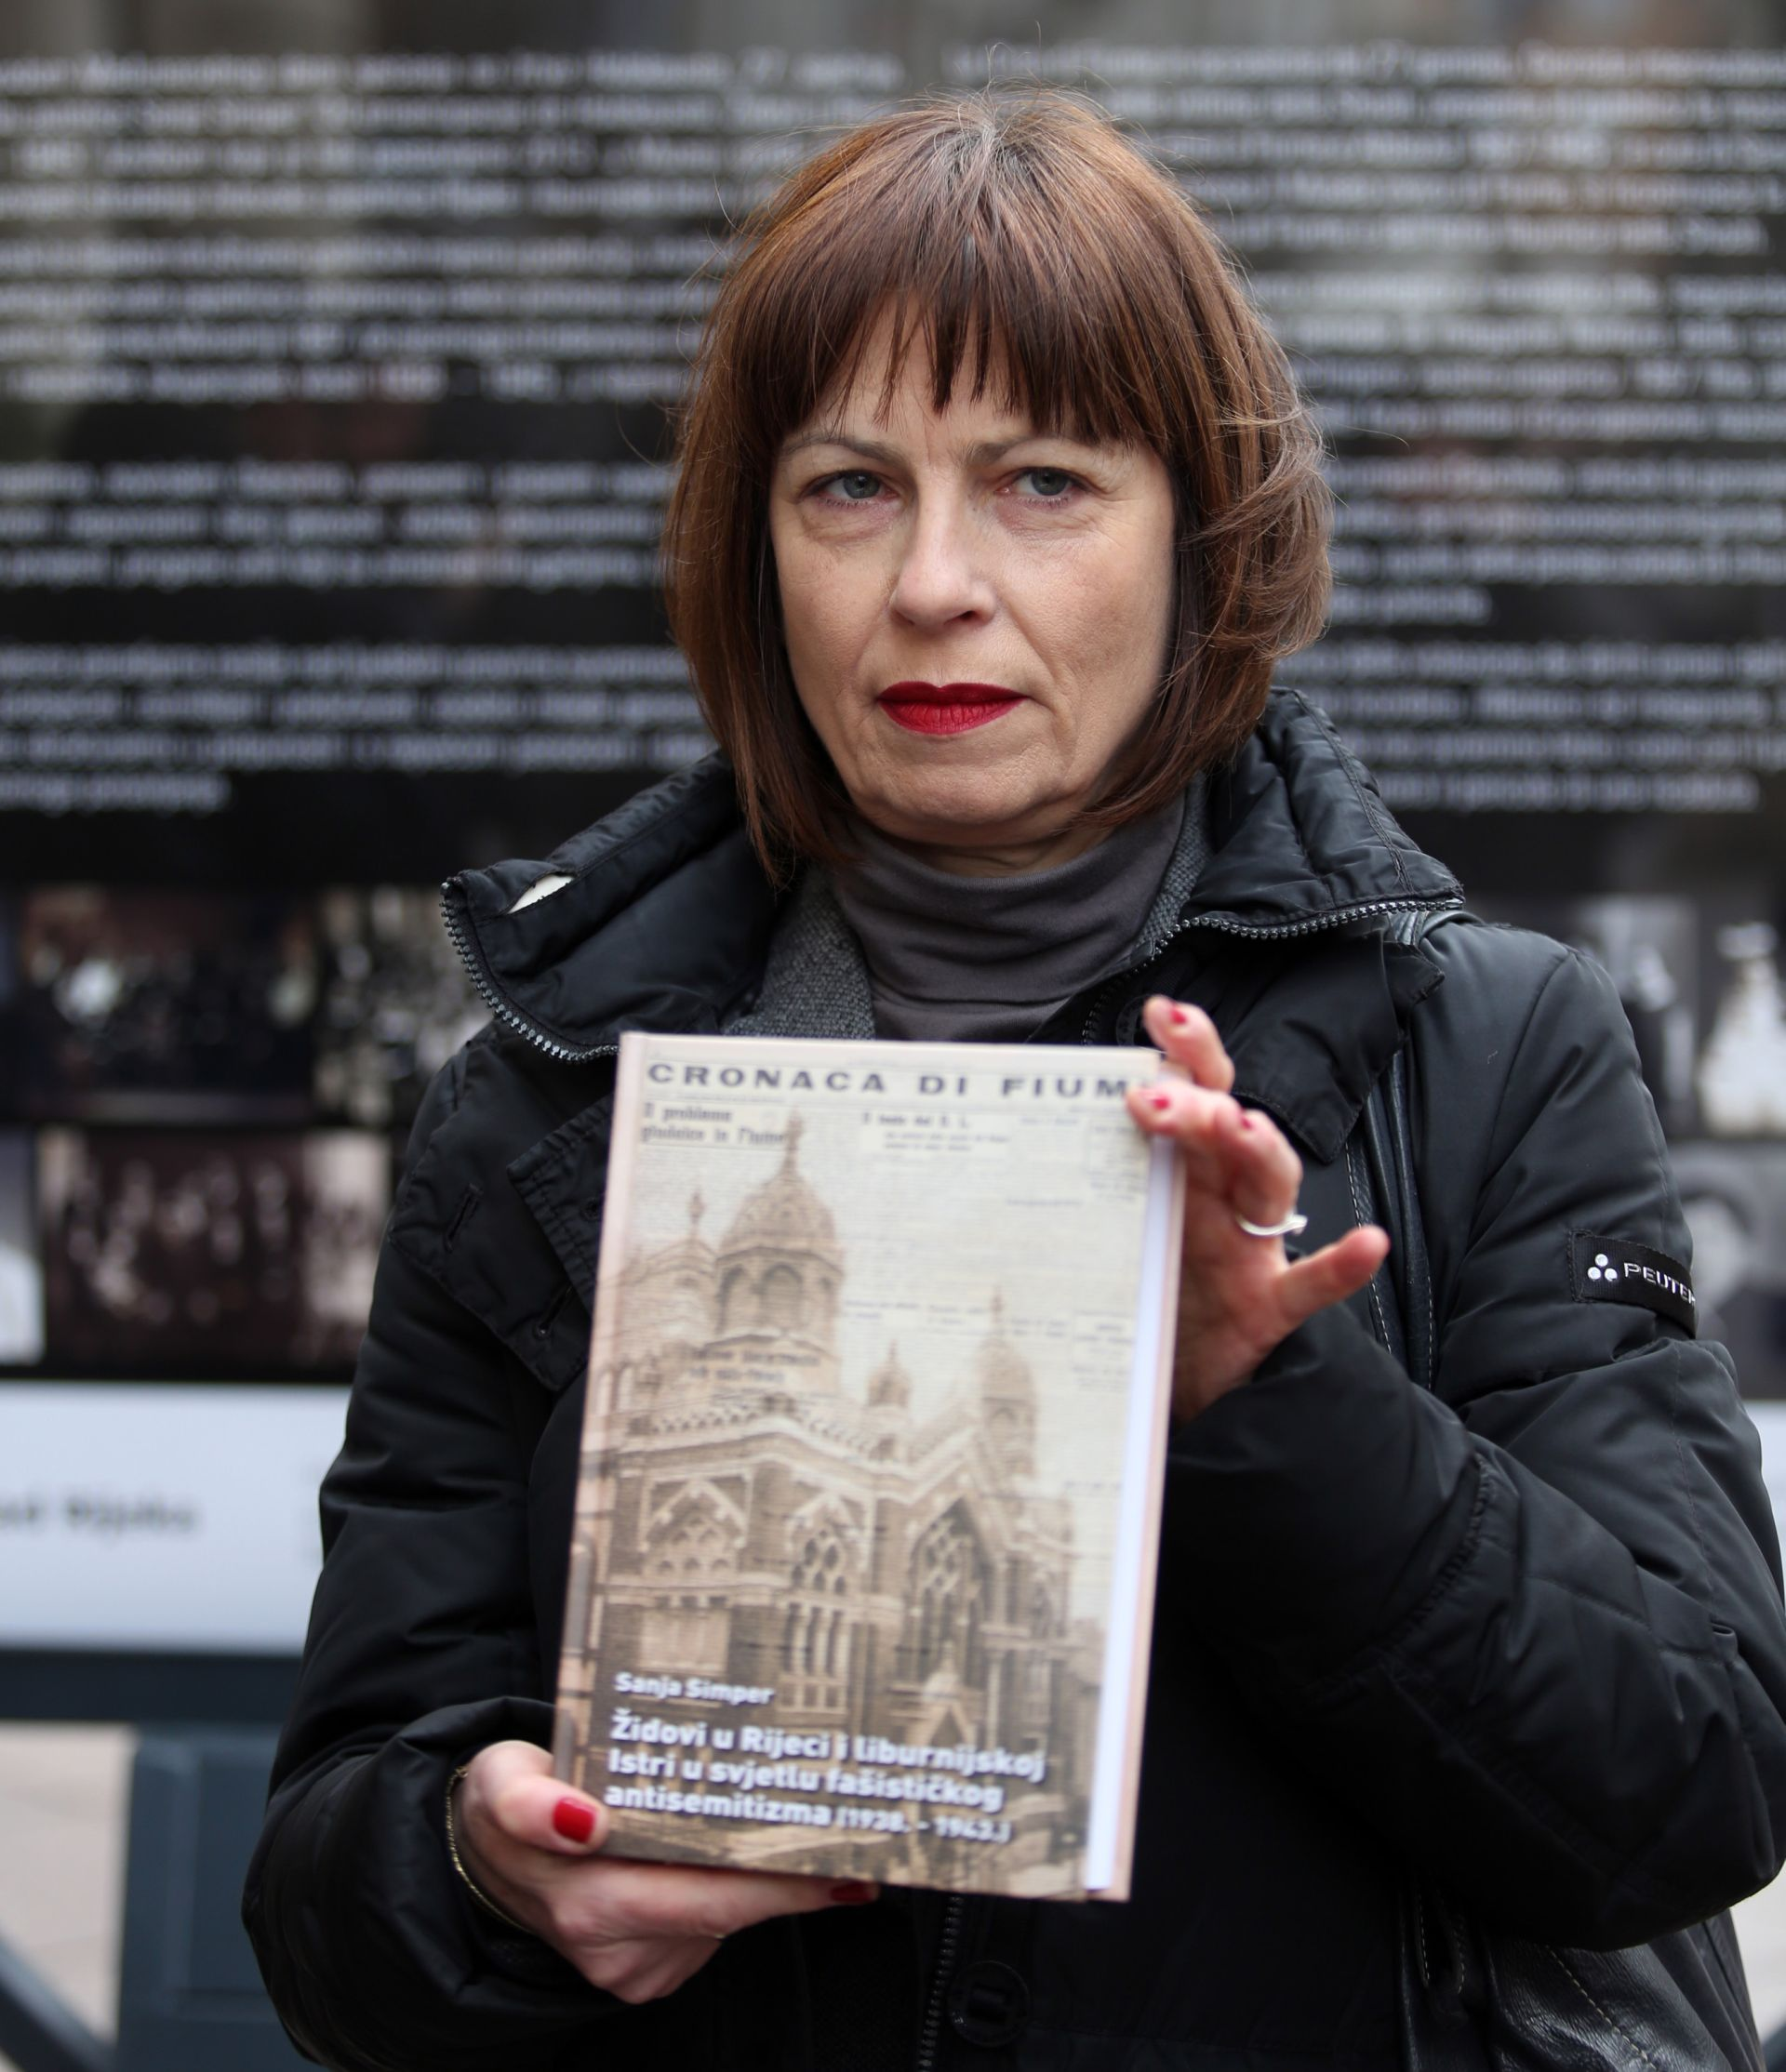 Knjiga Sanje Simper o fašističkom progonu Židova u Rijeci i Liburniji